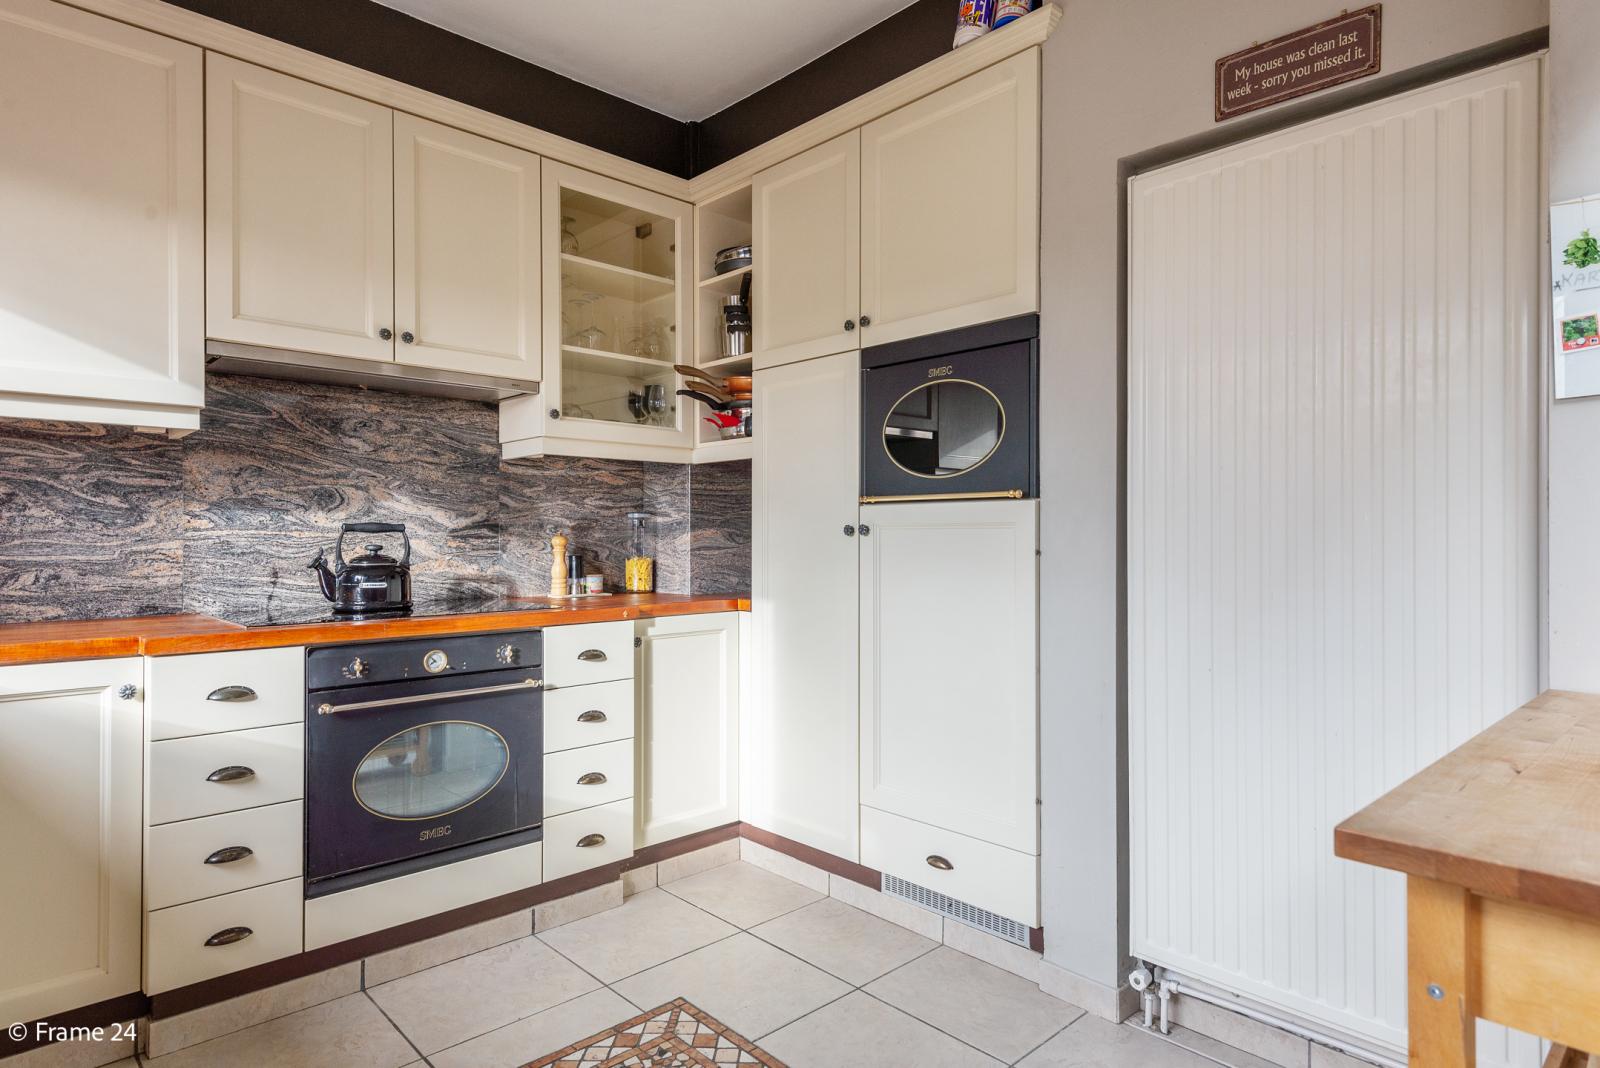 Verzorgde bel-étage met 3 slaapkamers, tuin en garage nabij centrum Wijnegem gelegen. afbeelding 12